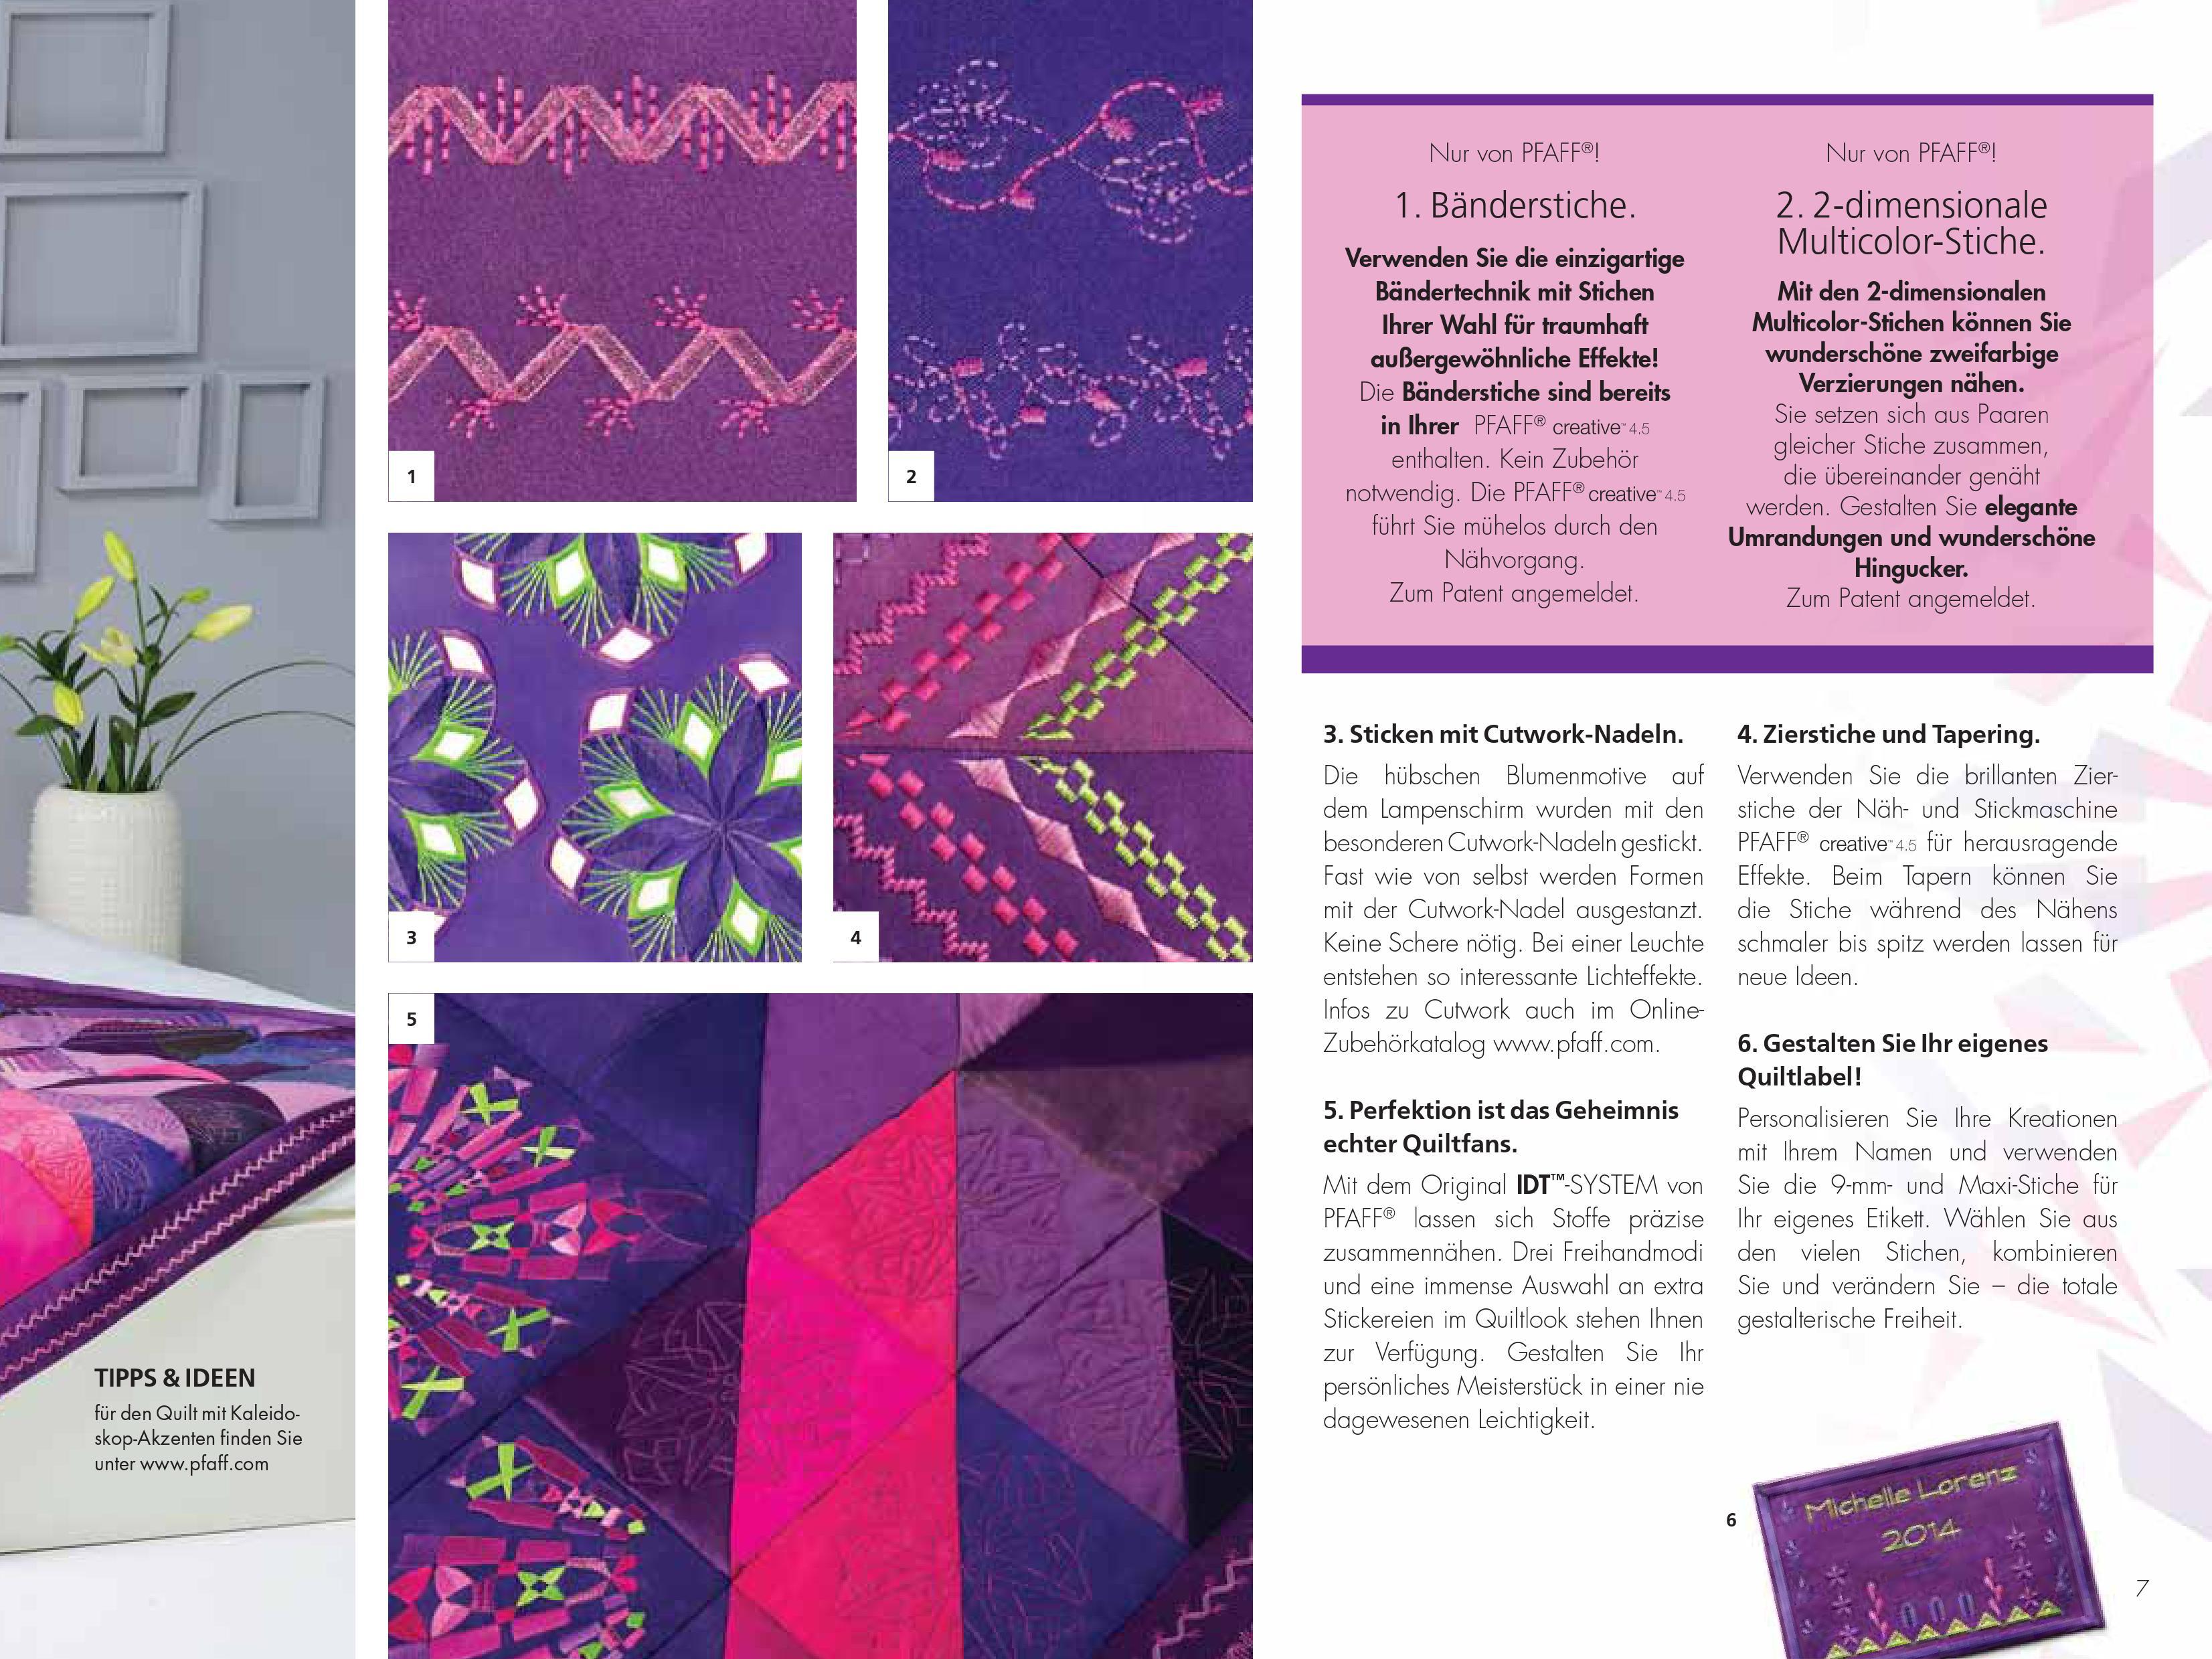 pfaff creative 4 5 inkl stickeinheit n hmaschinen scherf. Black Bedroom Furniture Sets. Home Design Ideas